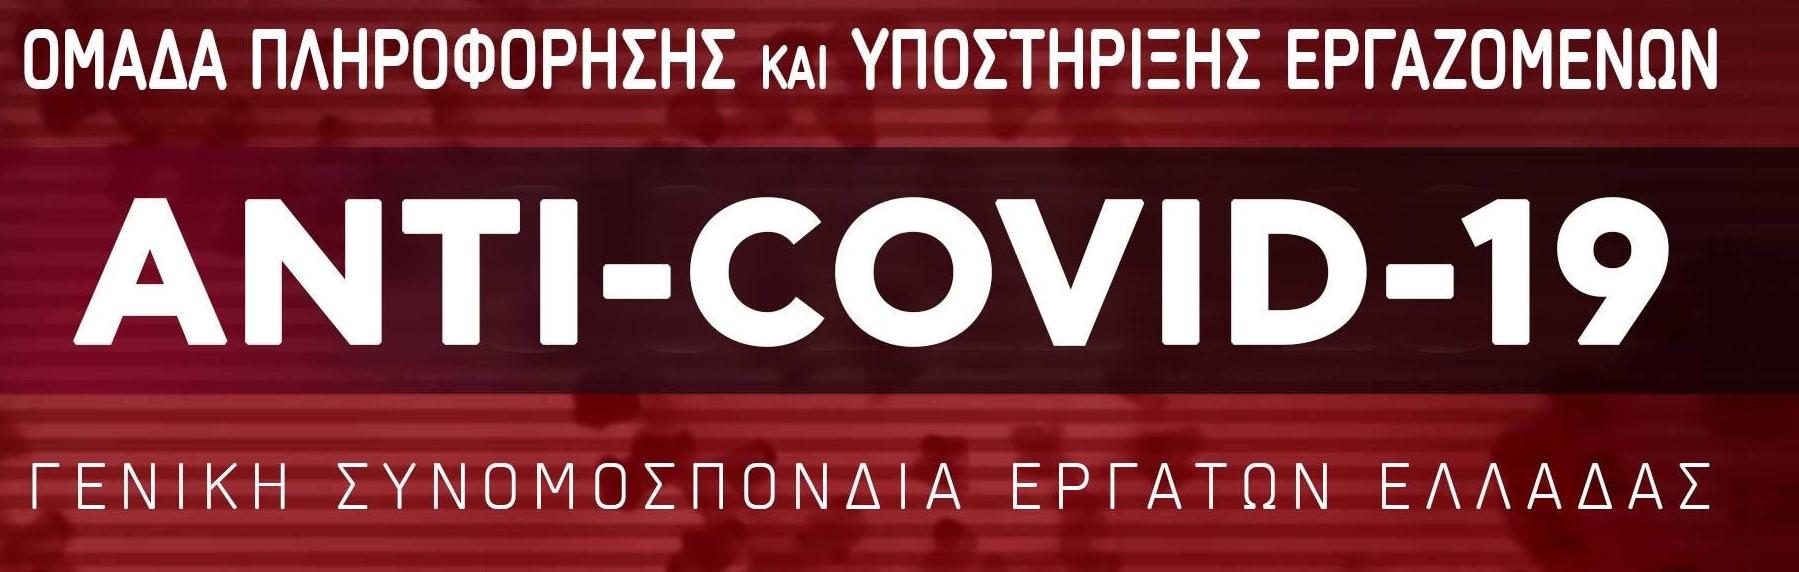 Σύσταση ομάδας Πληροφόρησης και Υποστήριξης Εργαζομένων «ANTI-COVID-19»